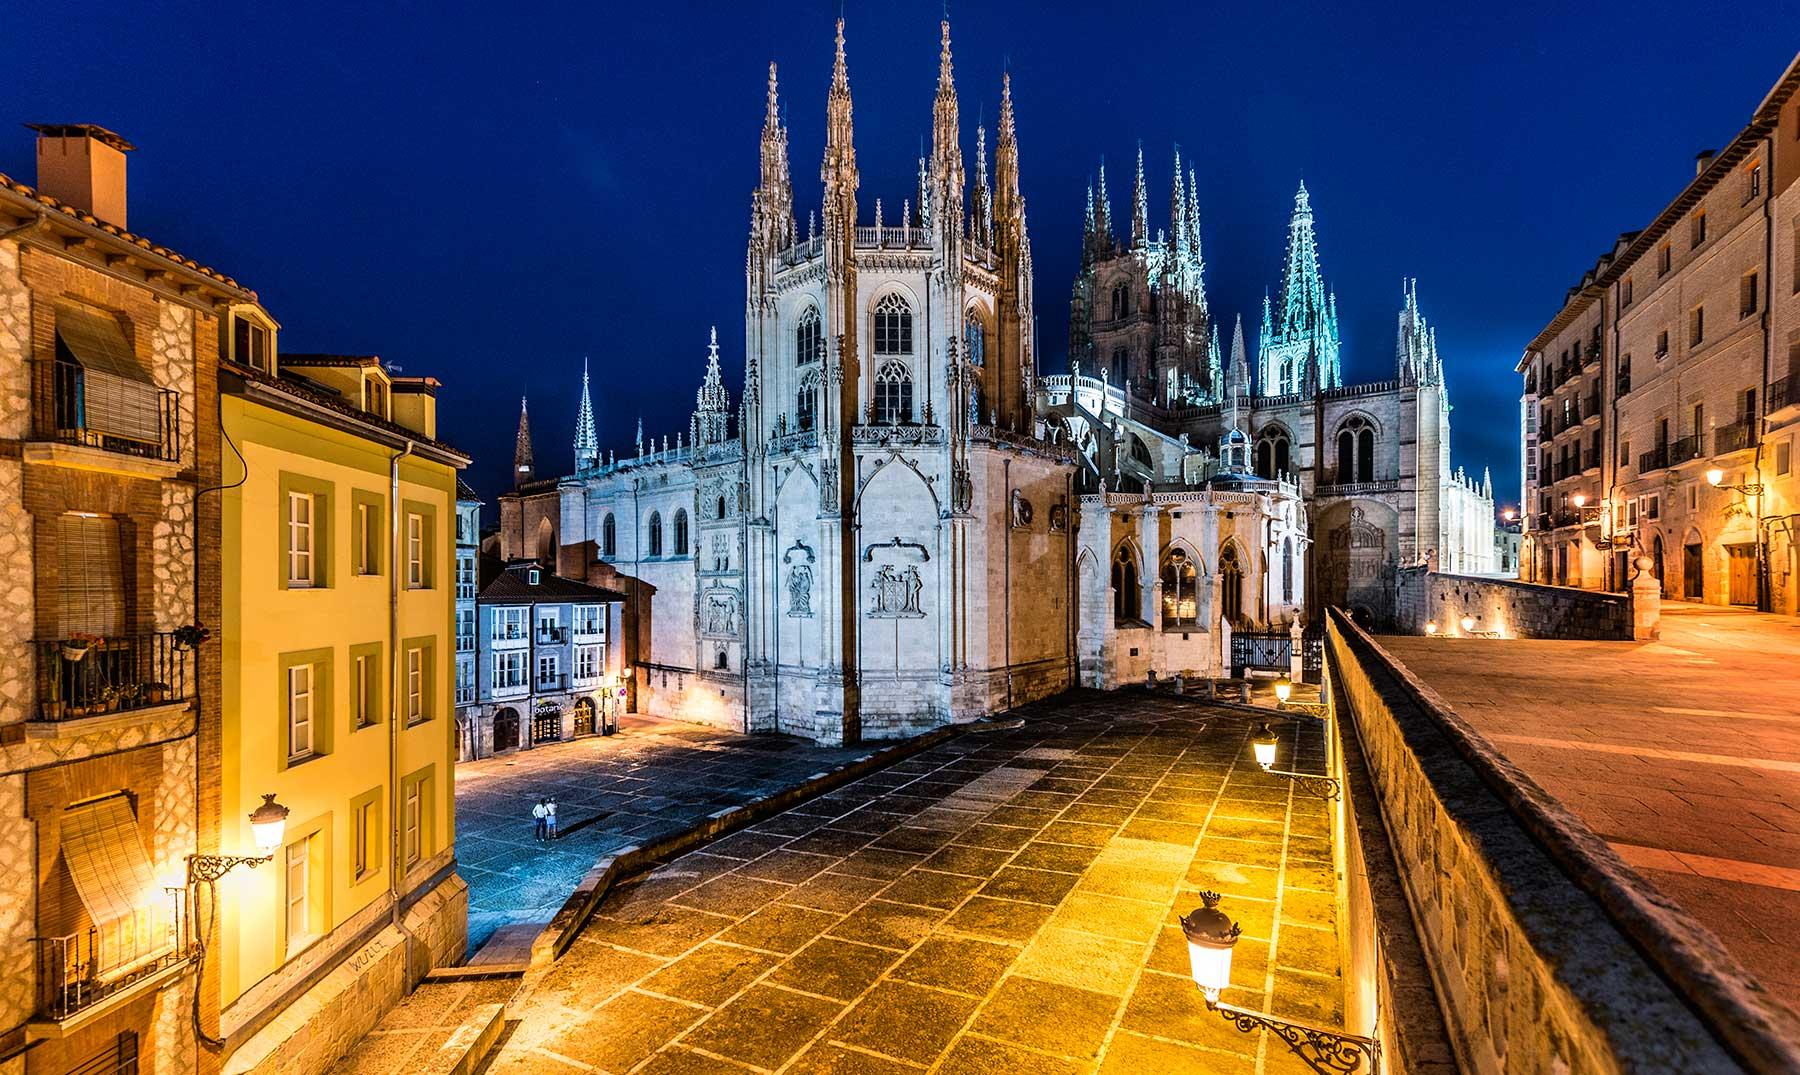 Visita la hermosa ciudad de Burgos